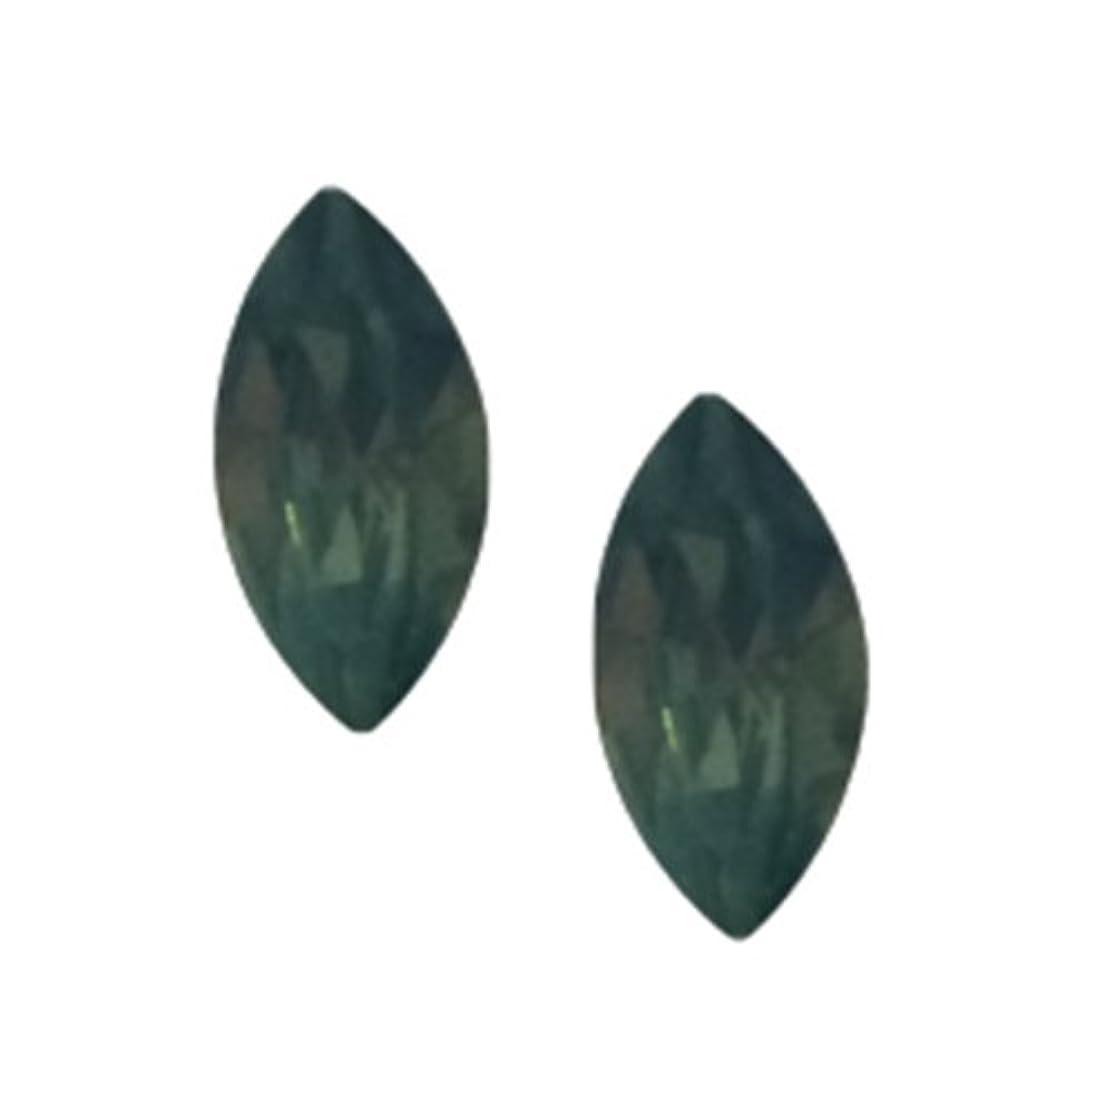 思いつくどこでもトランクPOSH ART ネイルパーツ馬眼型 3*6mm 10P グリーンオパール